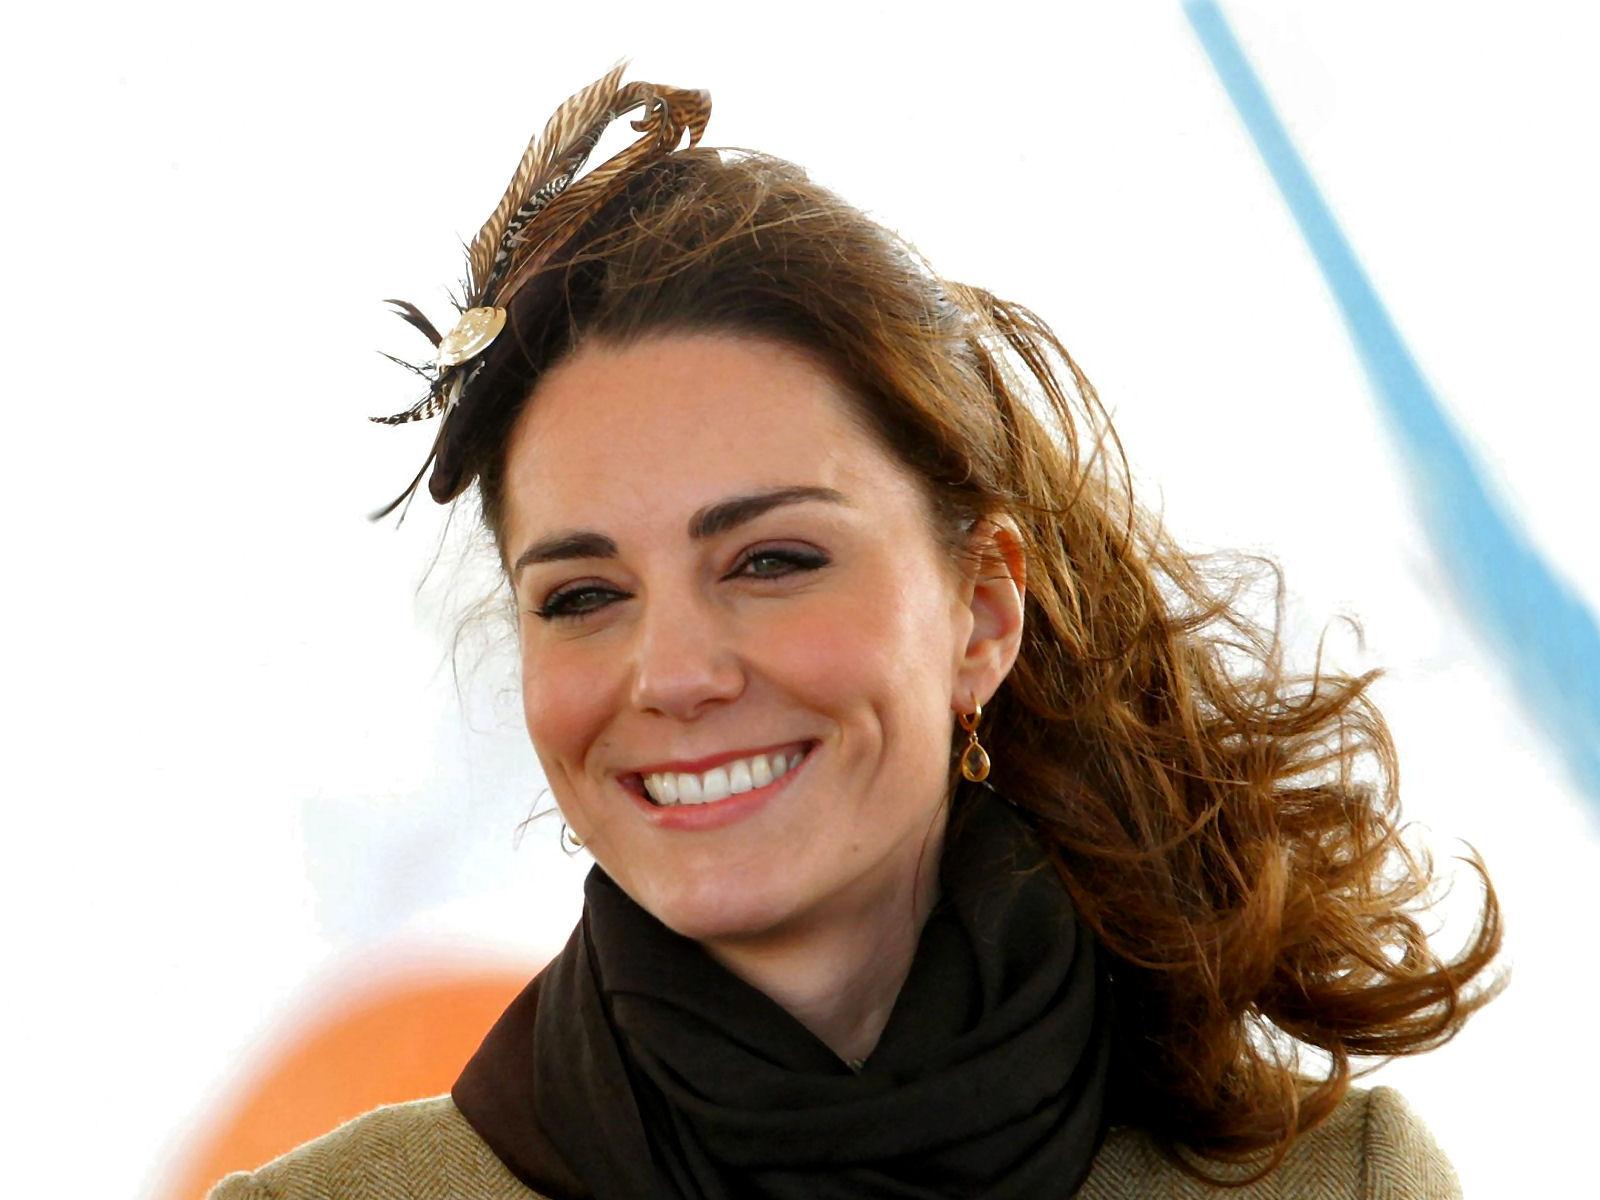 Feather Tweezers Kate Middleton - Feather Tweezers Kate Middleton